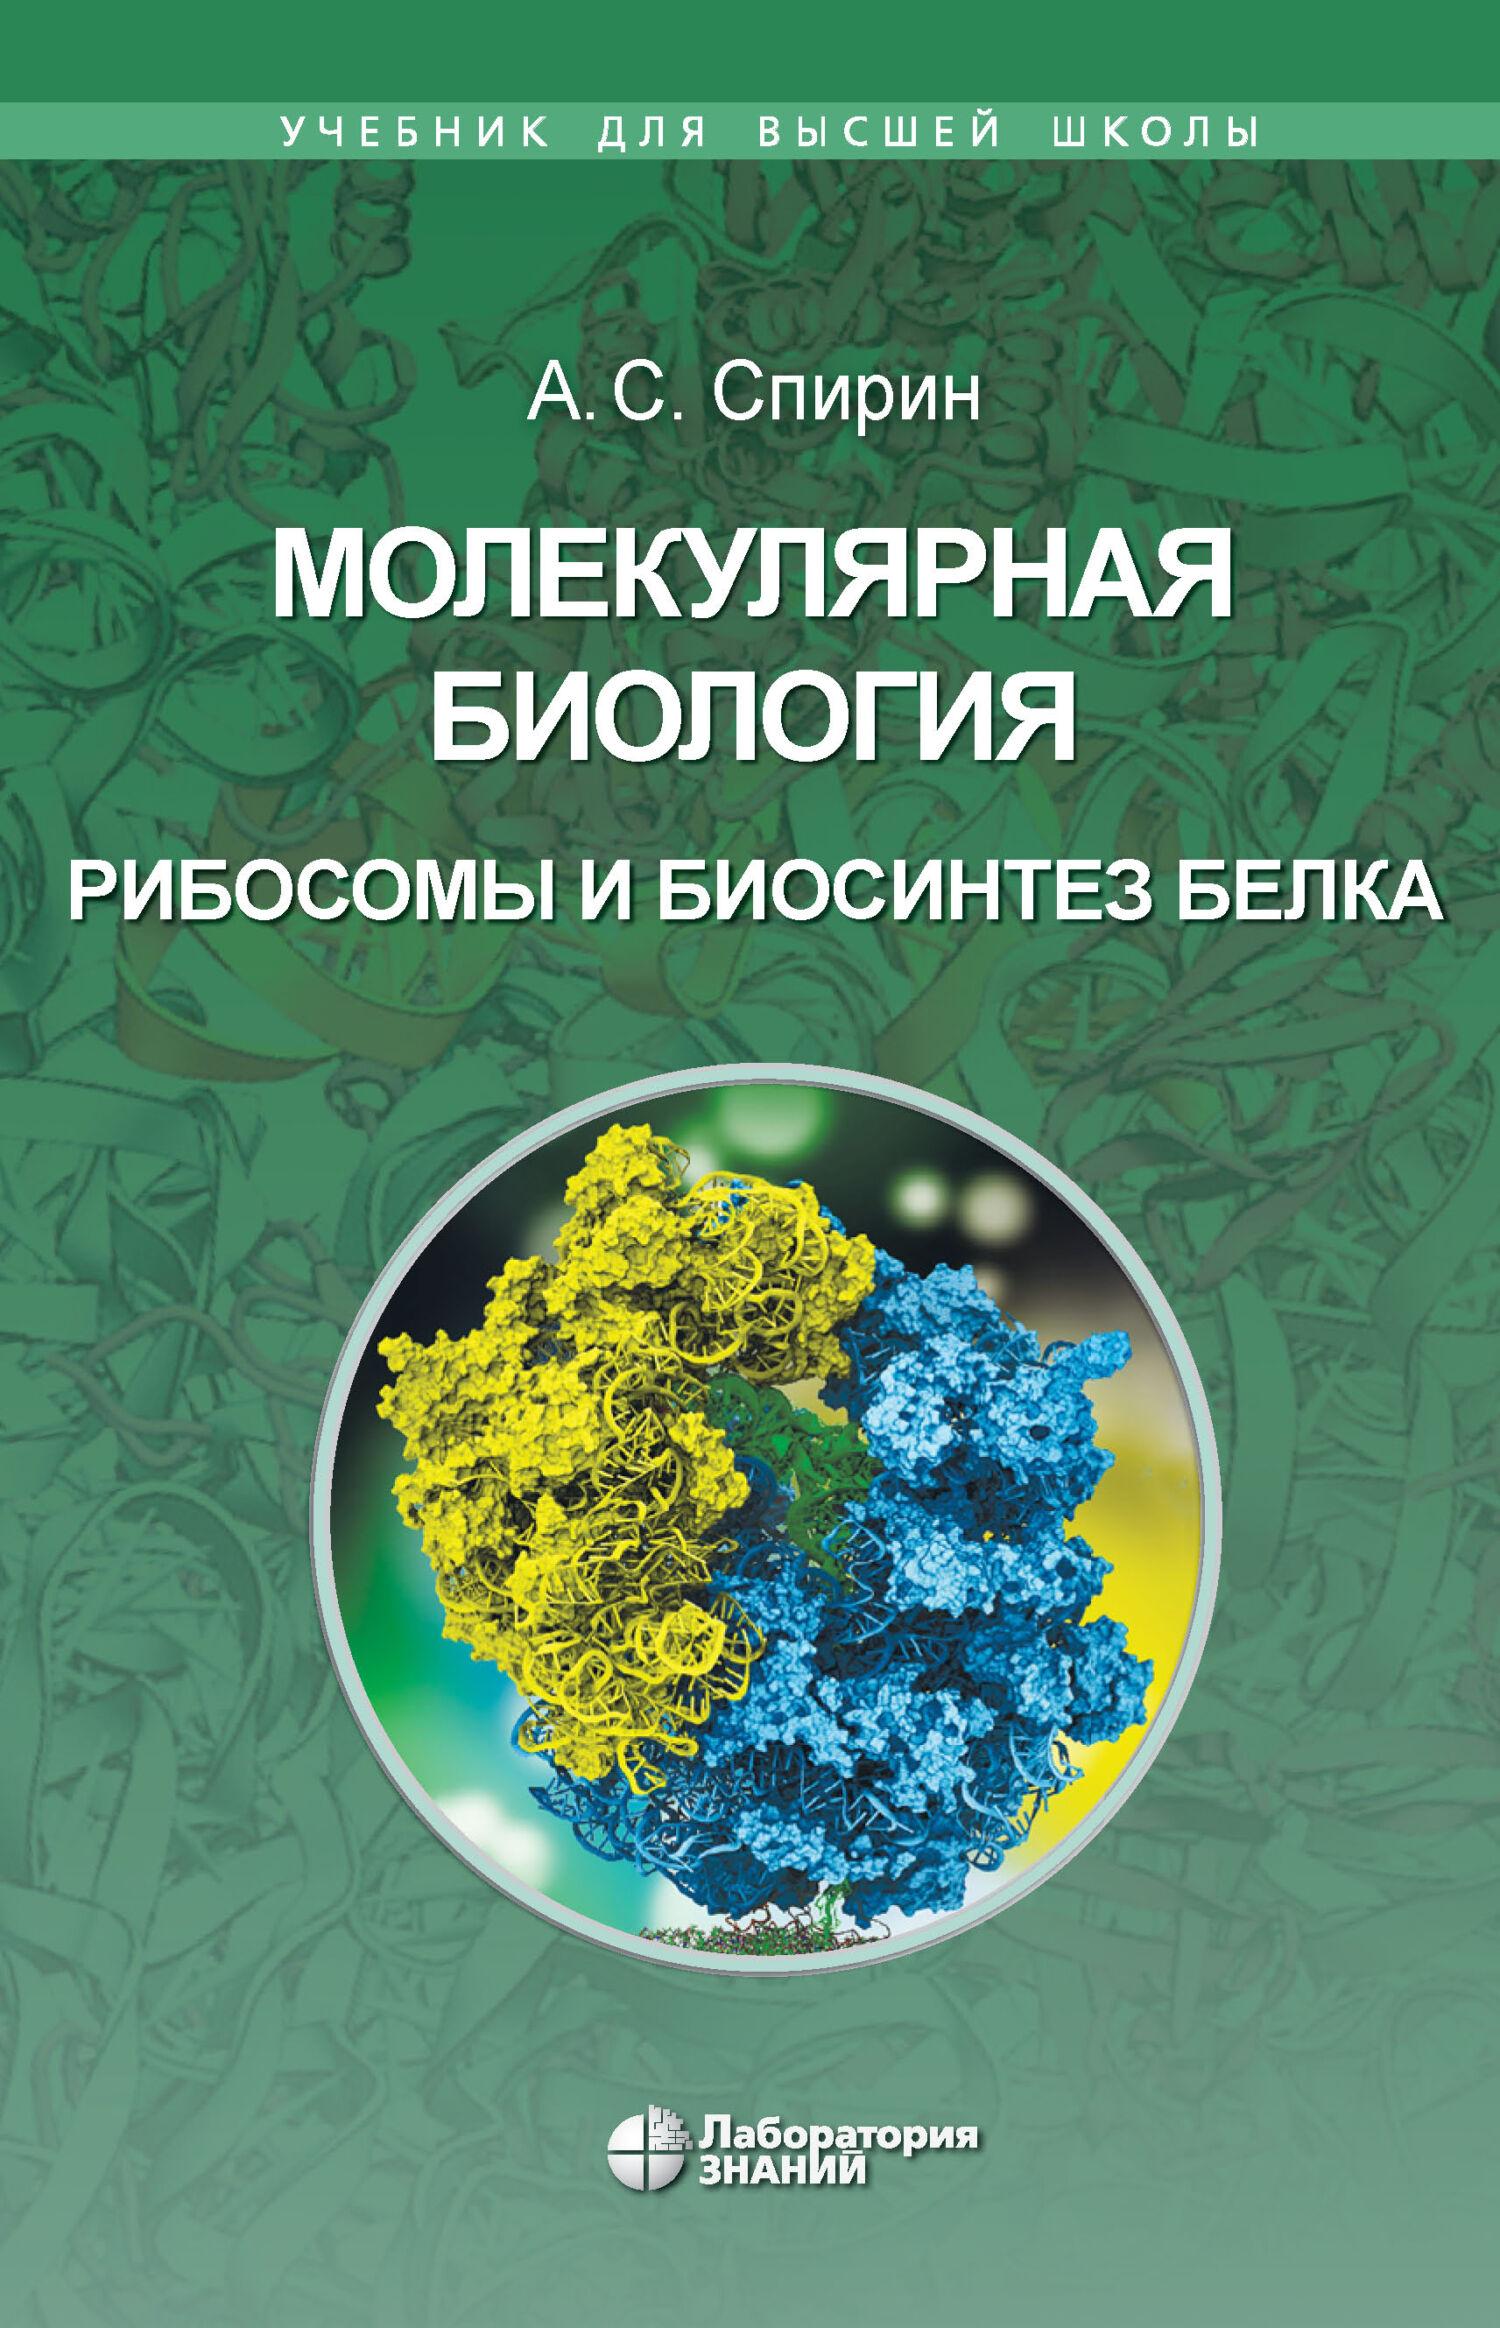 А. С. Спирин Молекулярная биология. Рибосомы и биосинтез белка